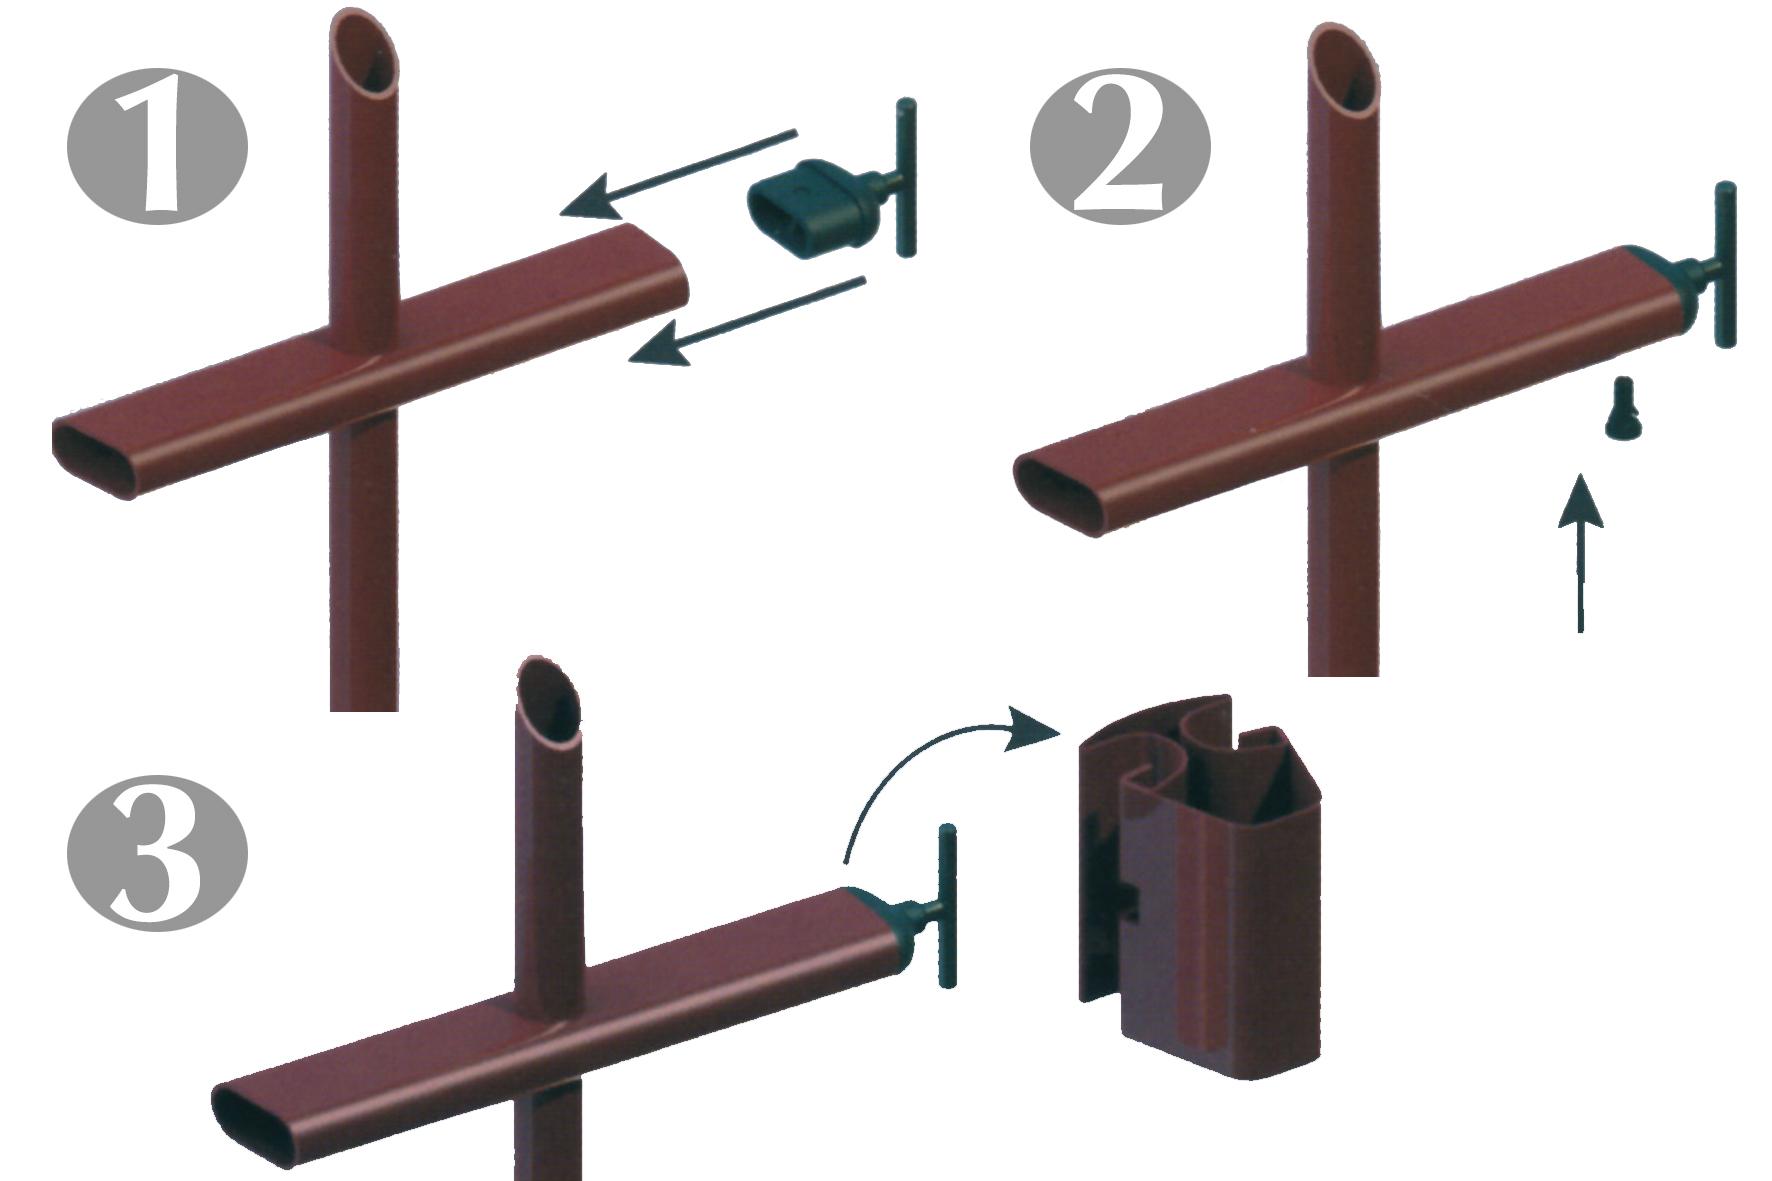 attache pour panneau elance achat en ligne ou dans notre magasin. Black Bedroom Furniture Sets. Home Design Ideas